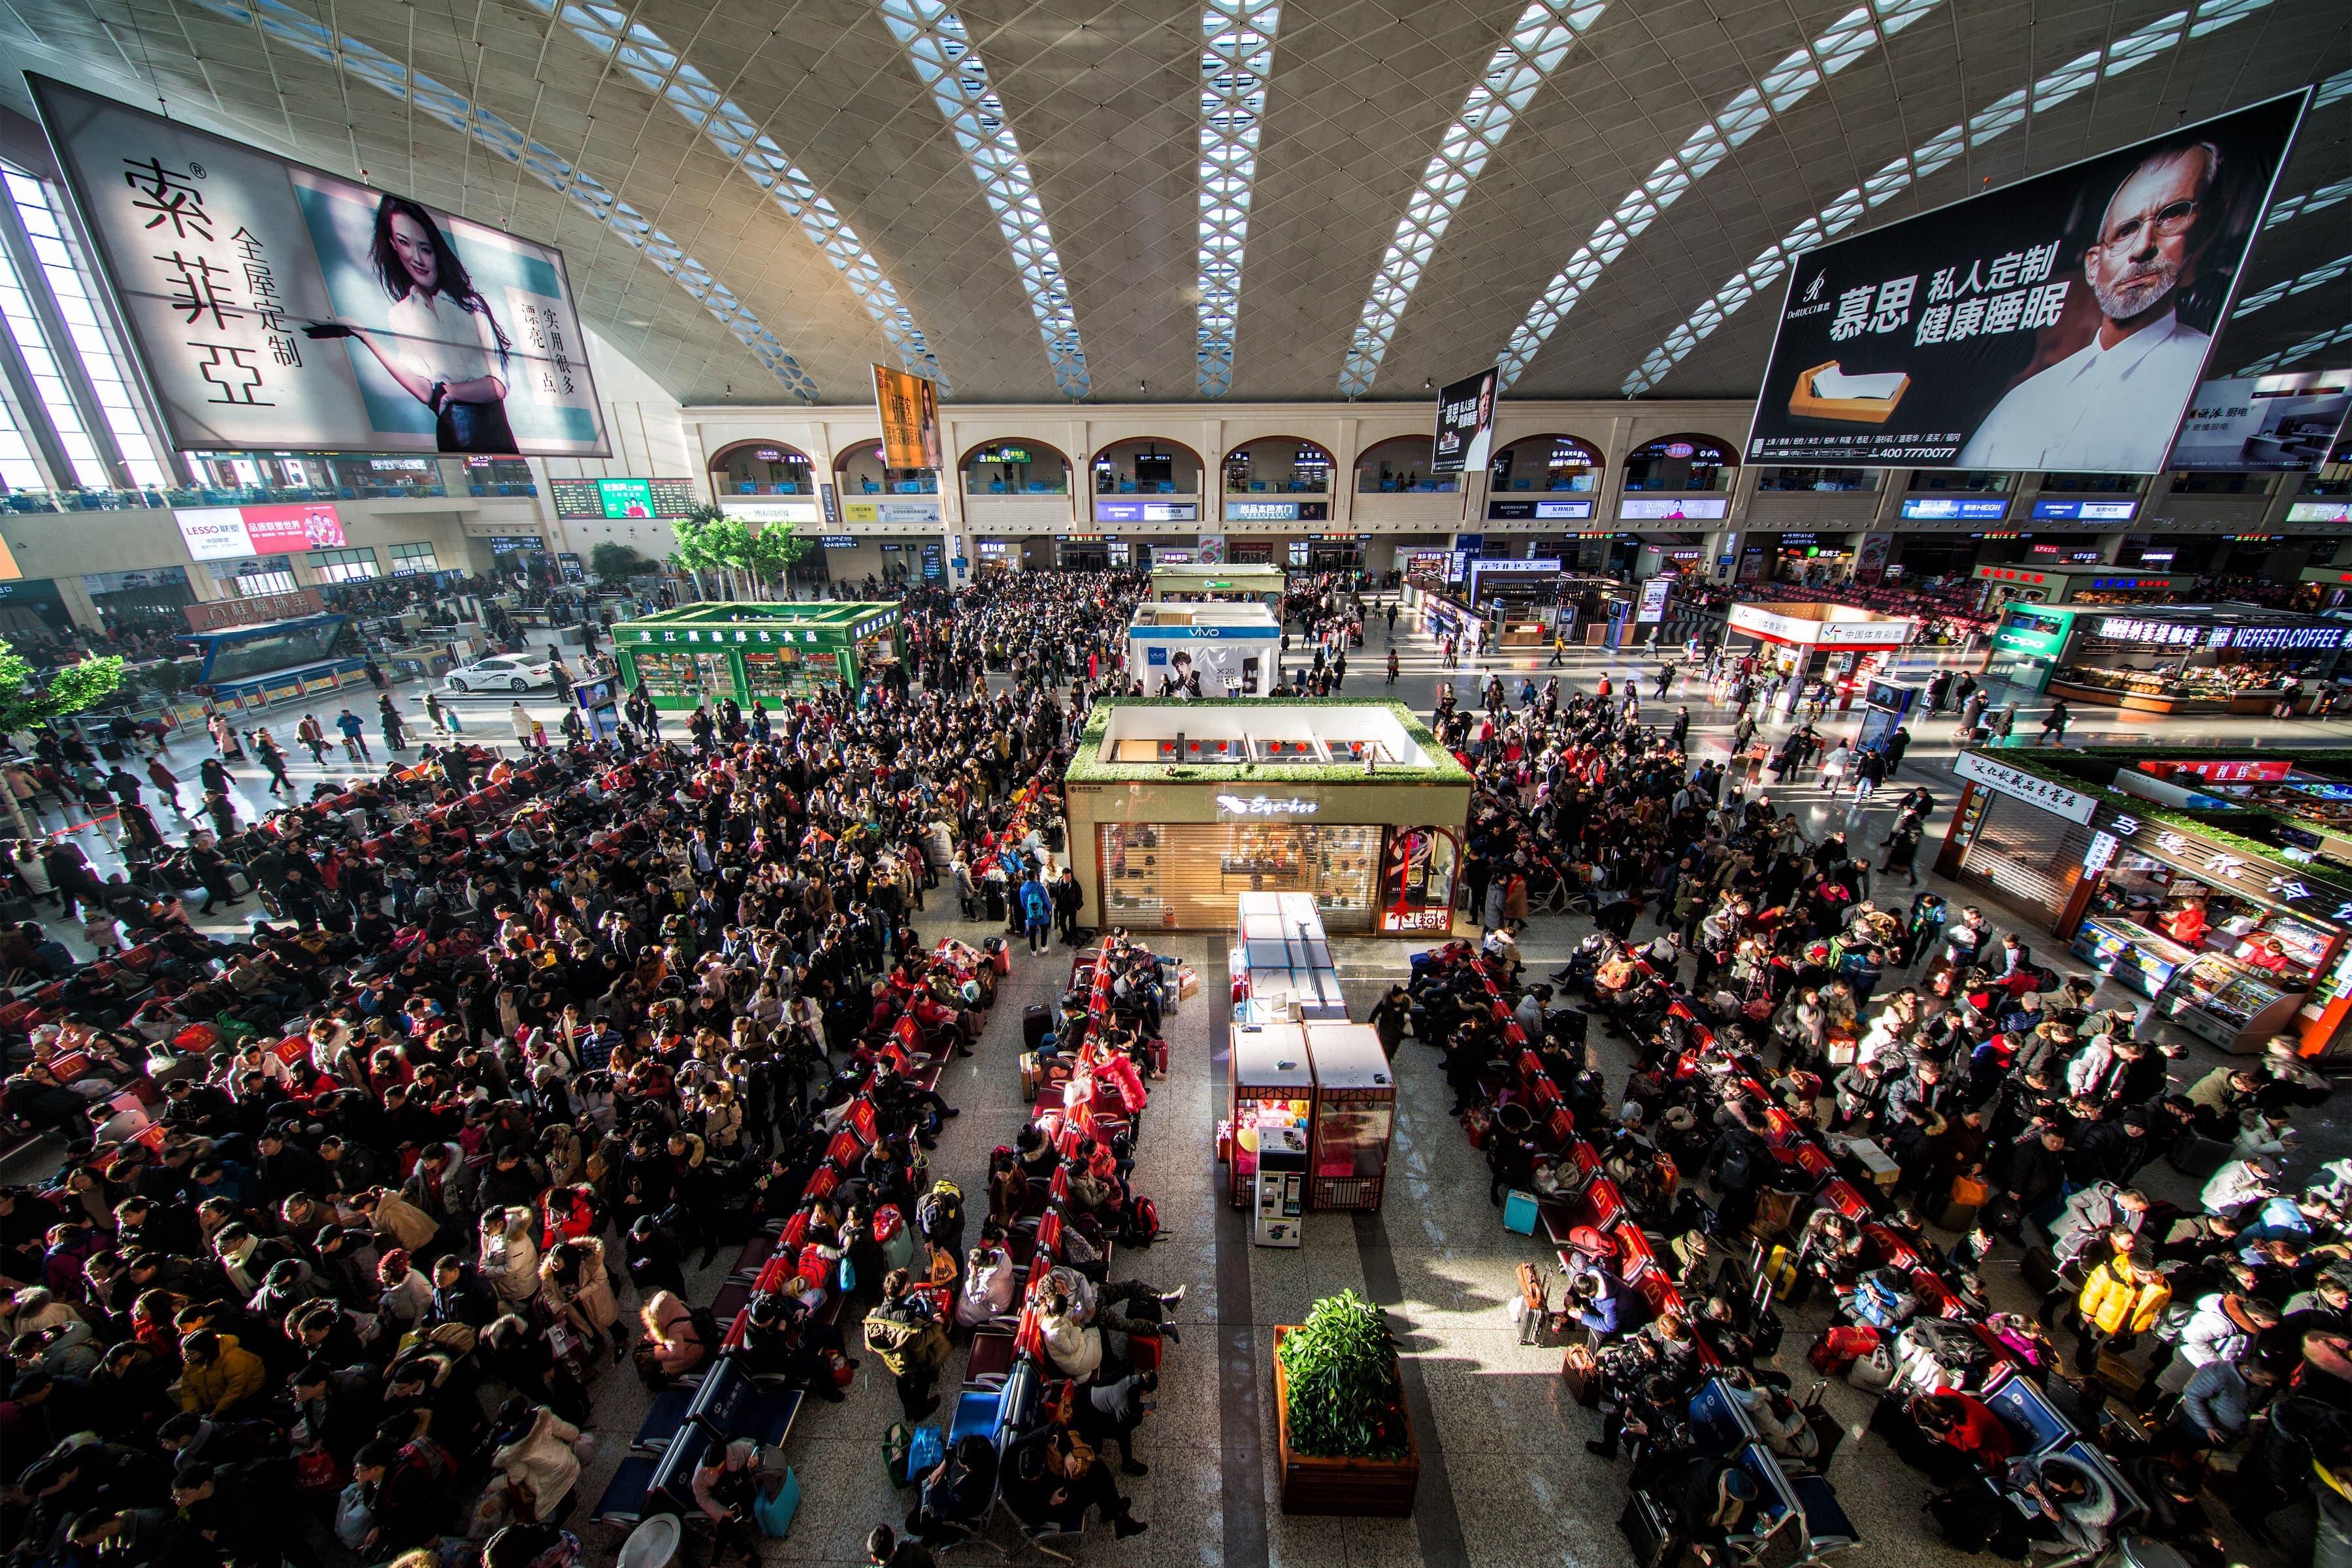 14億人の人口を抱える中国。日常生活のインフラ整備は大きな課題(高速鉄道ハルピン駅)